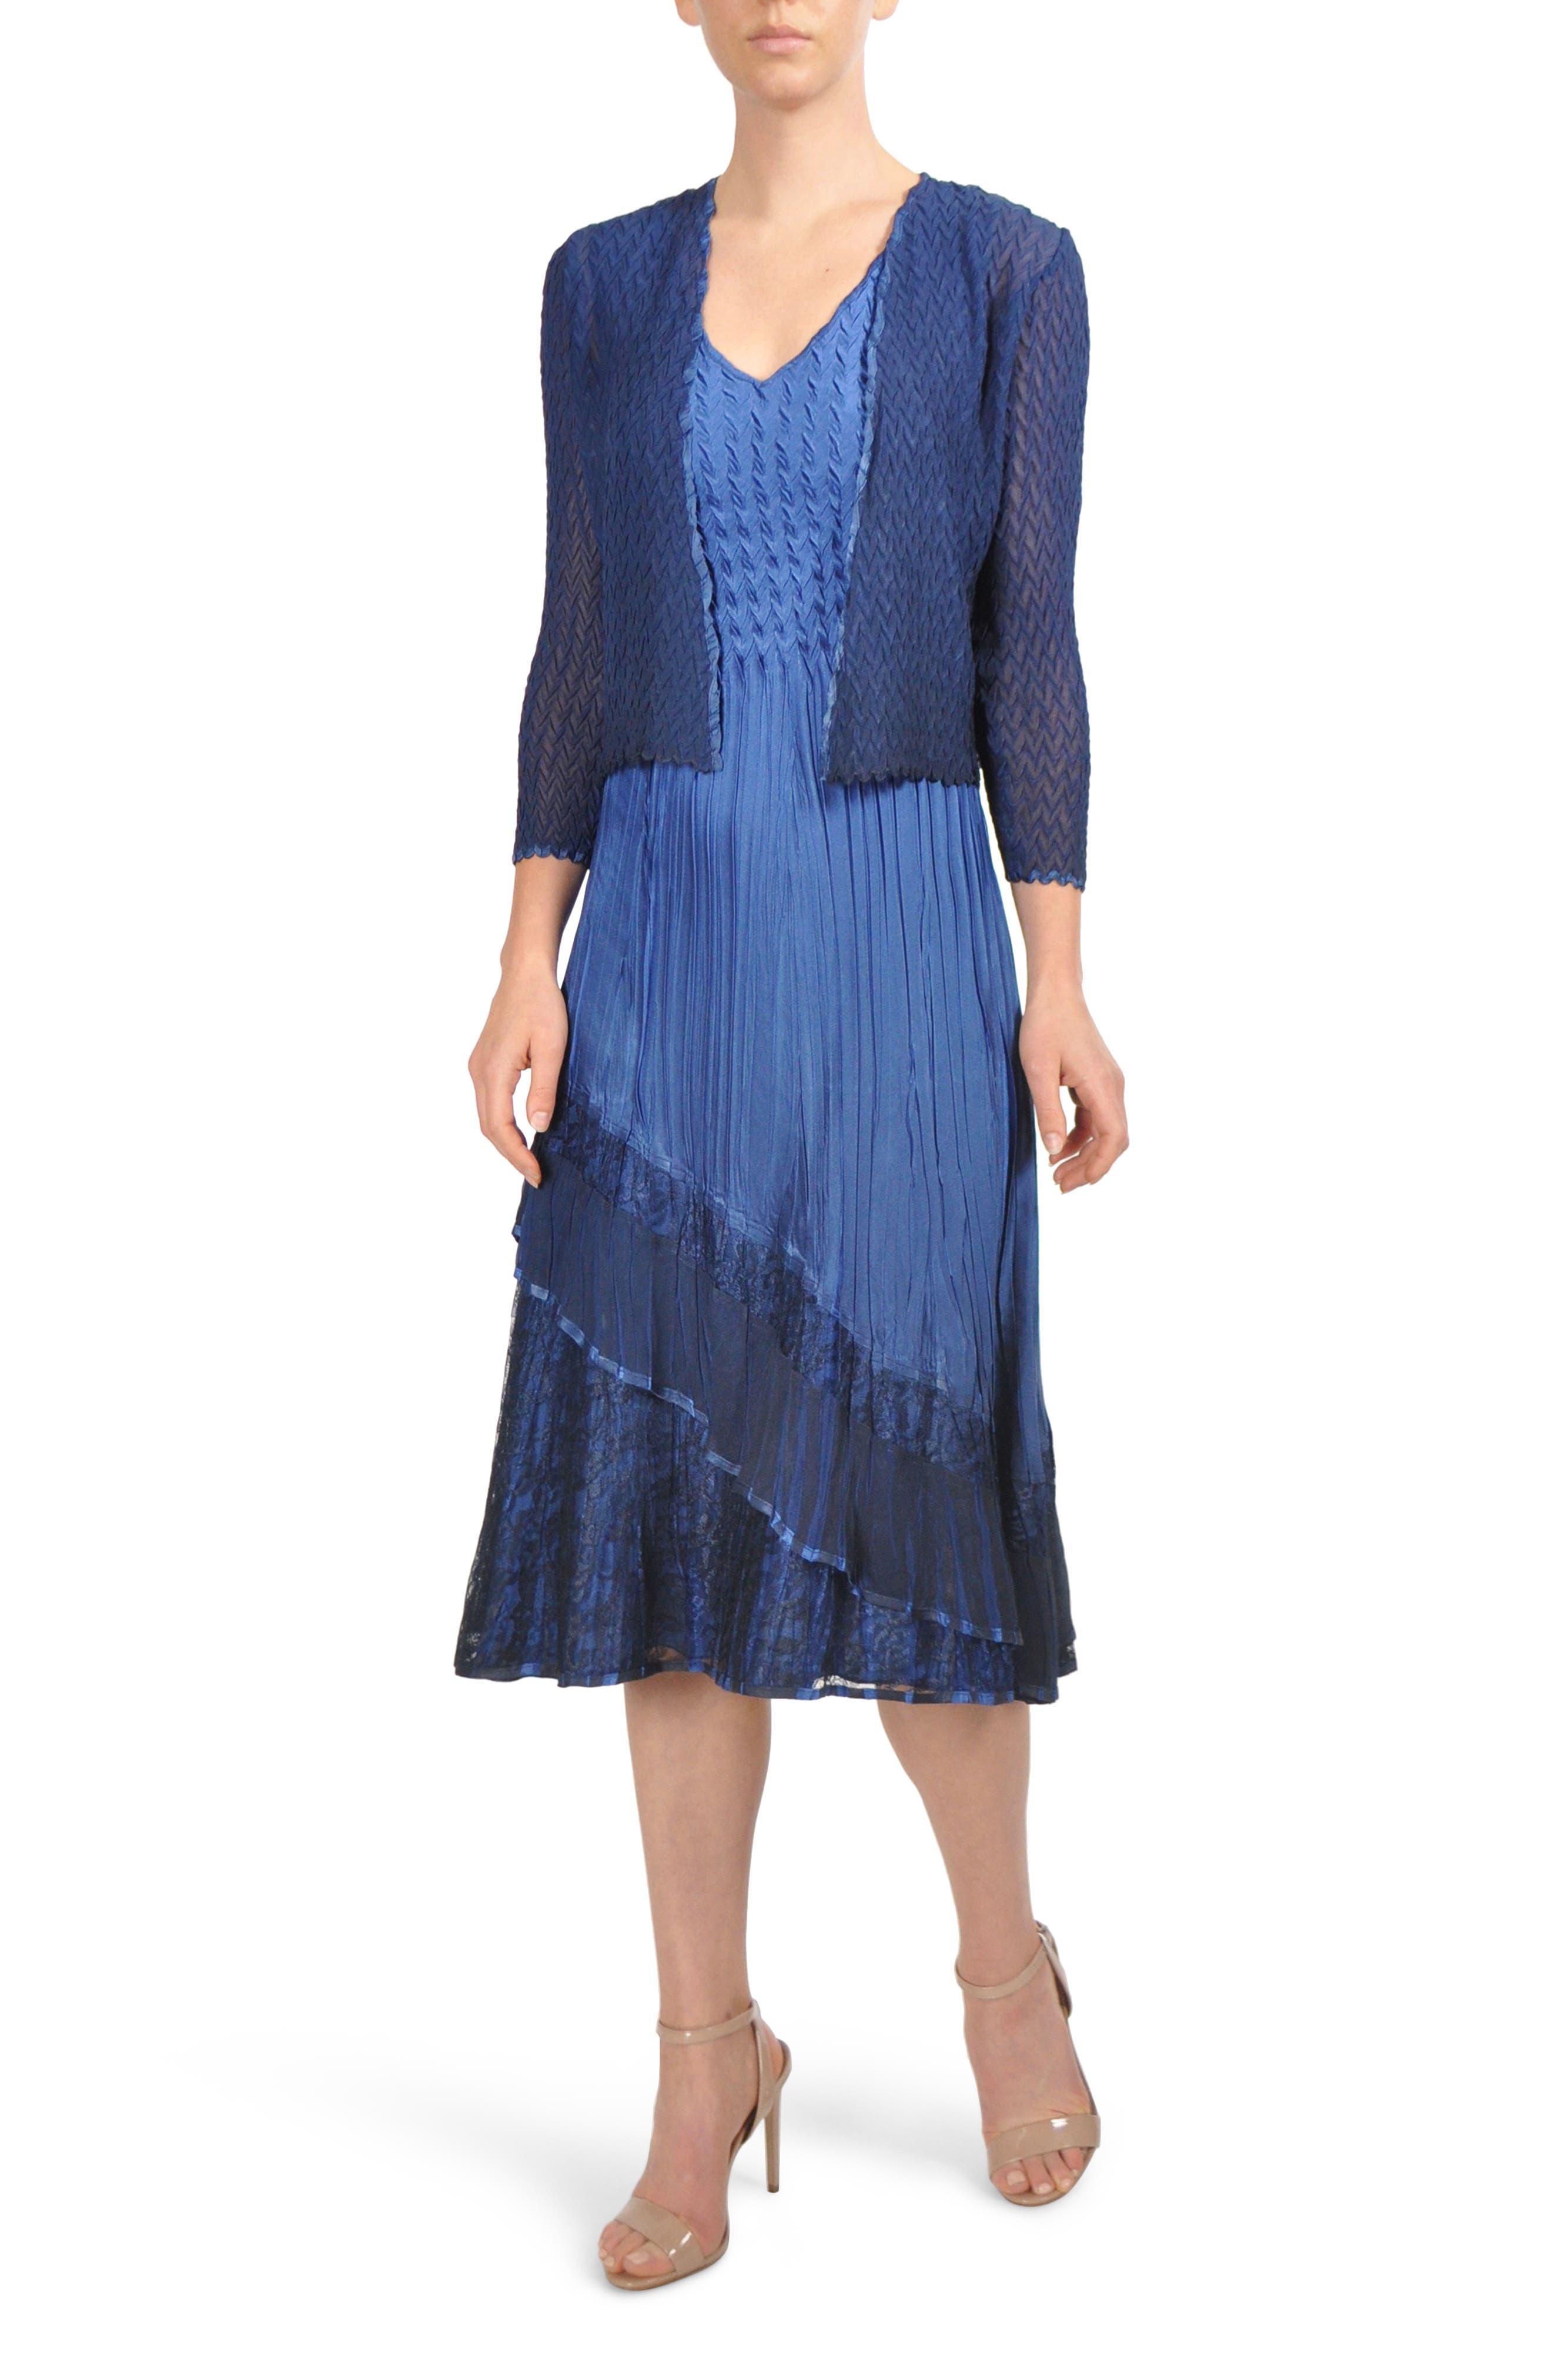 Komorov Midi Dress with Jacket,                             Main thumbnail 1, color,                             484